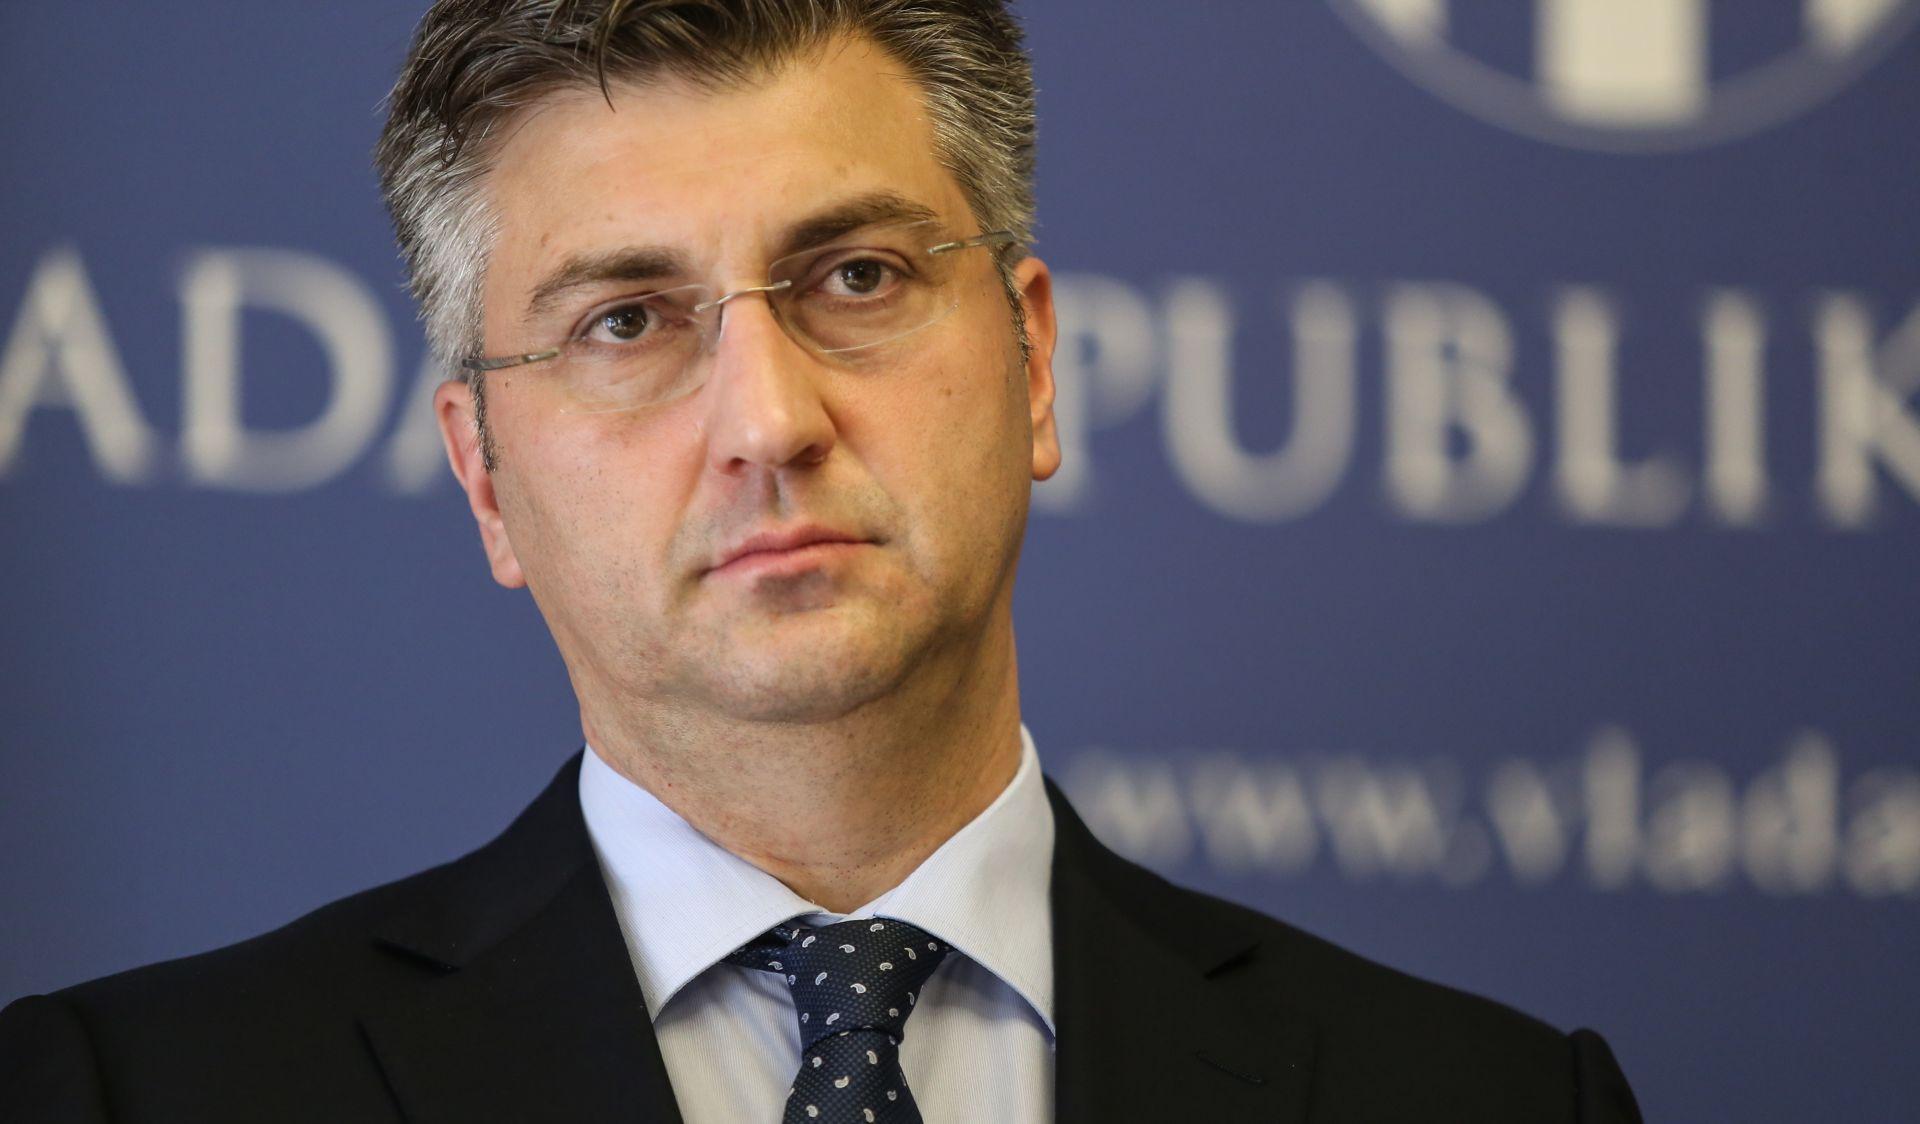 KLUB HDZ-A Plenković nije bio raspoložen za izjave, ali je poslao poruku SDP-u